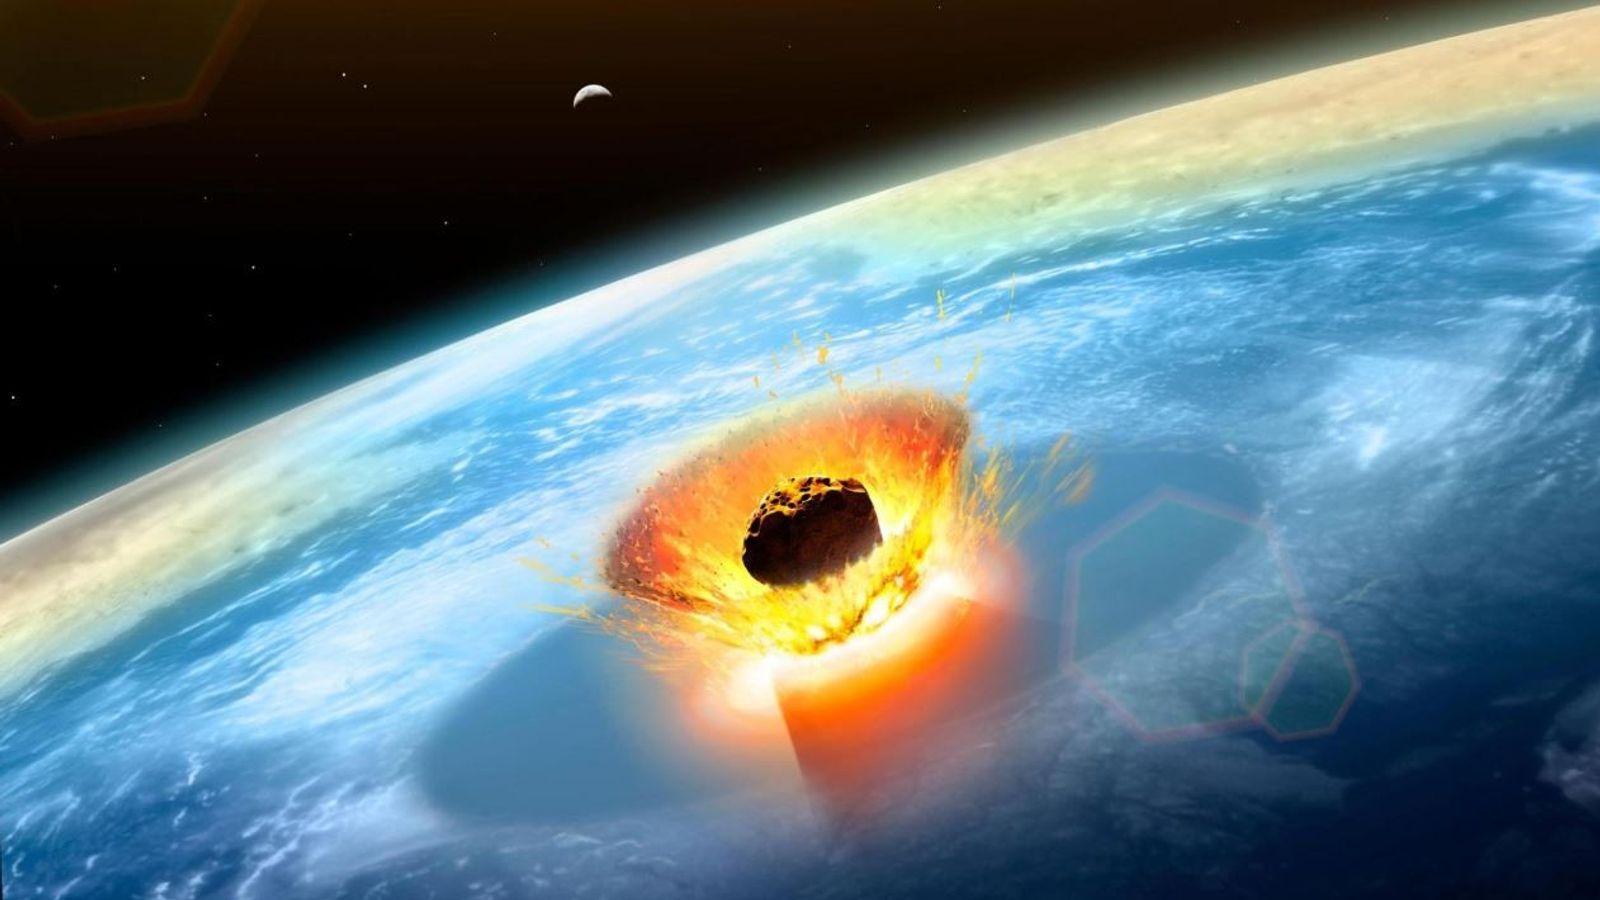 Asteroide fin era dinosaurio